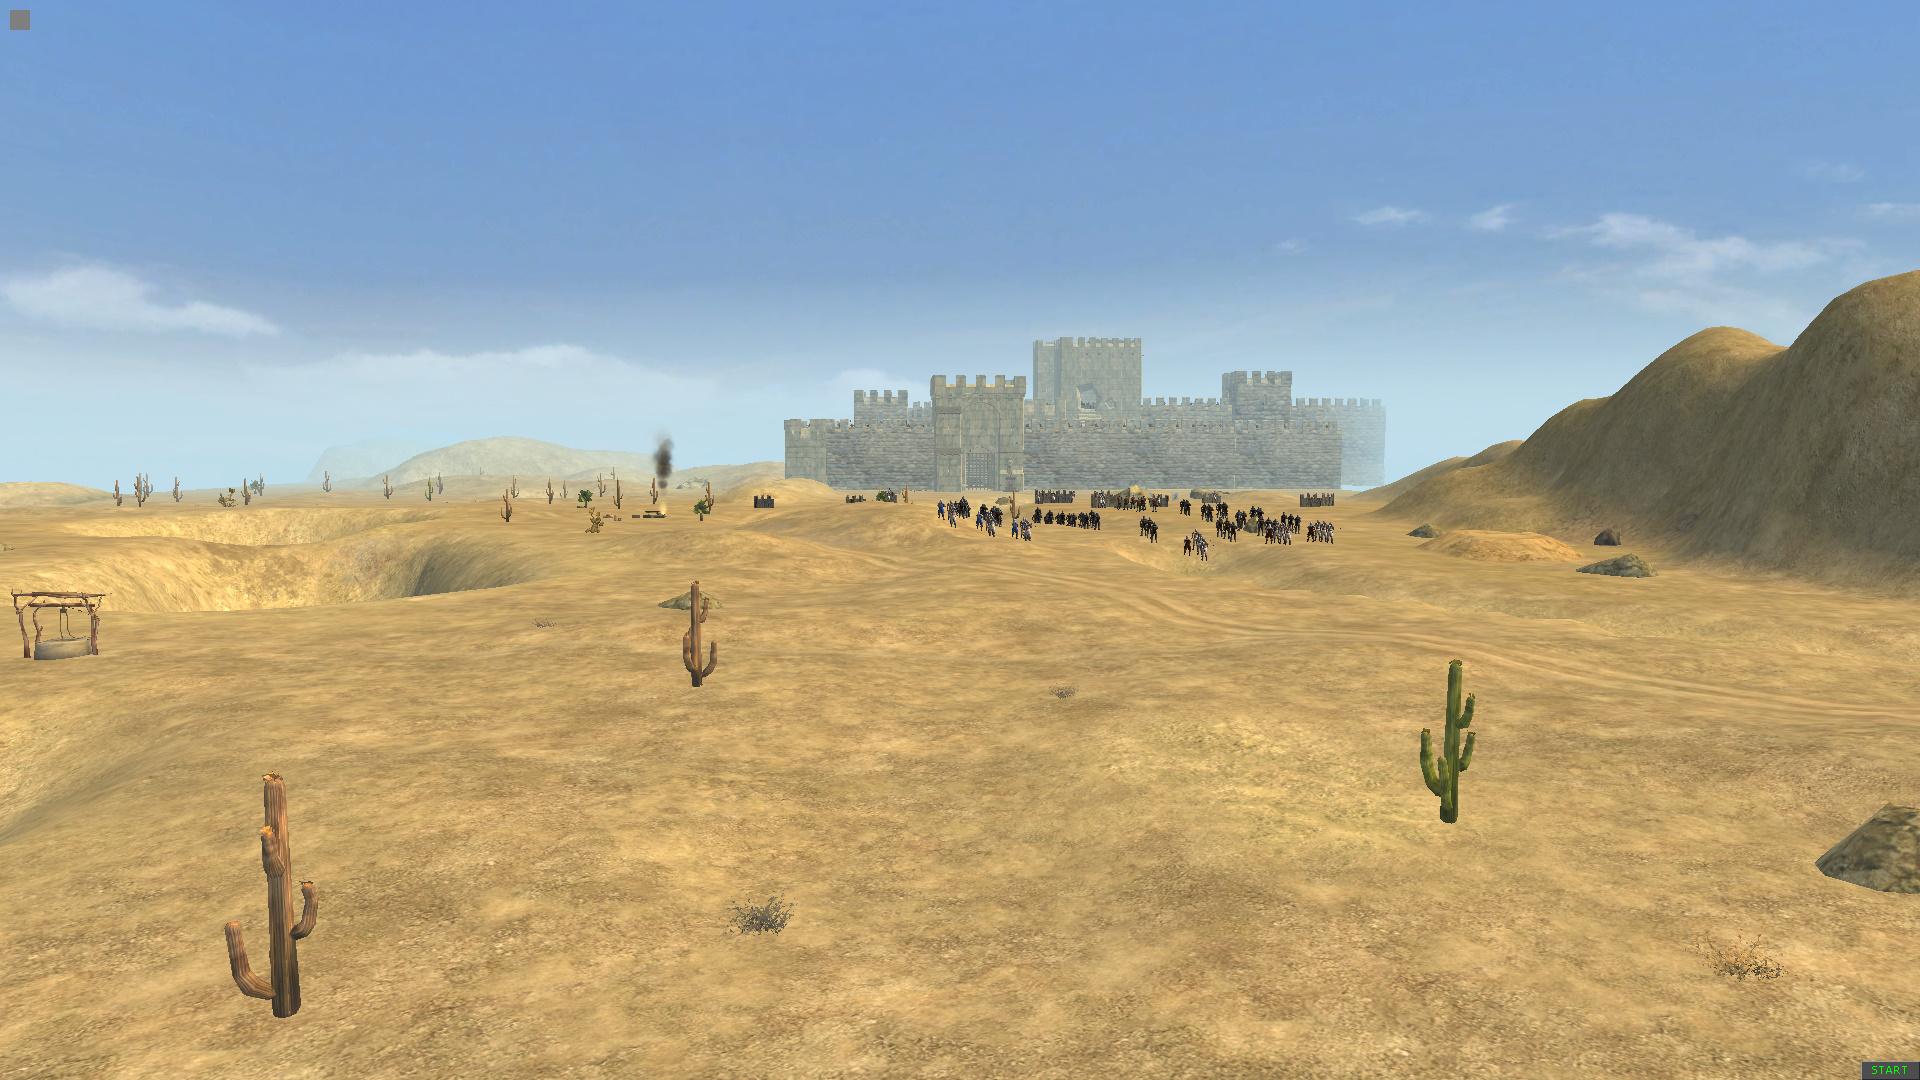 Скачать castle desert — бесплатно